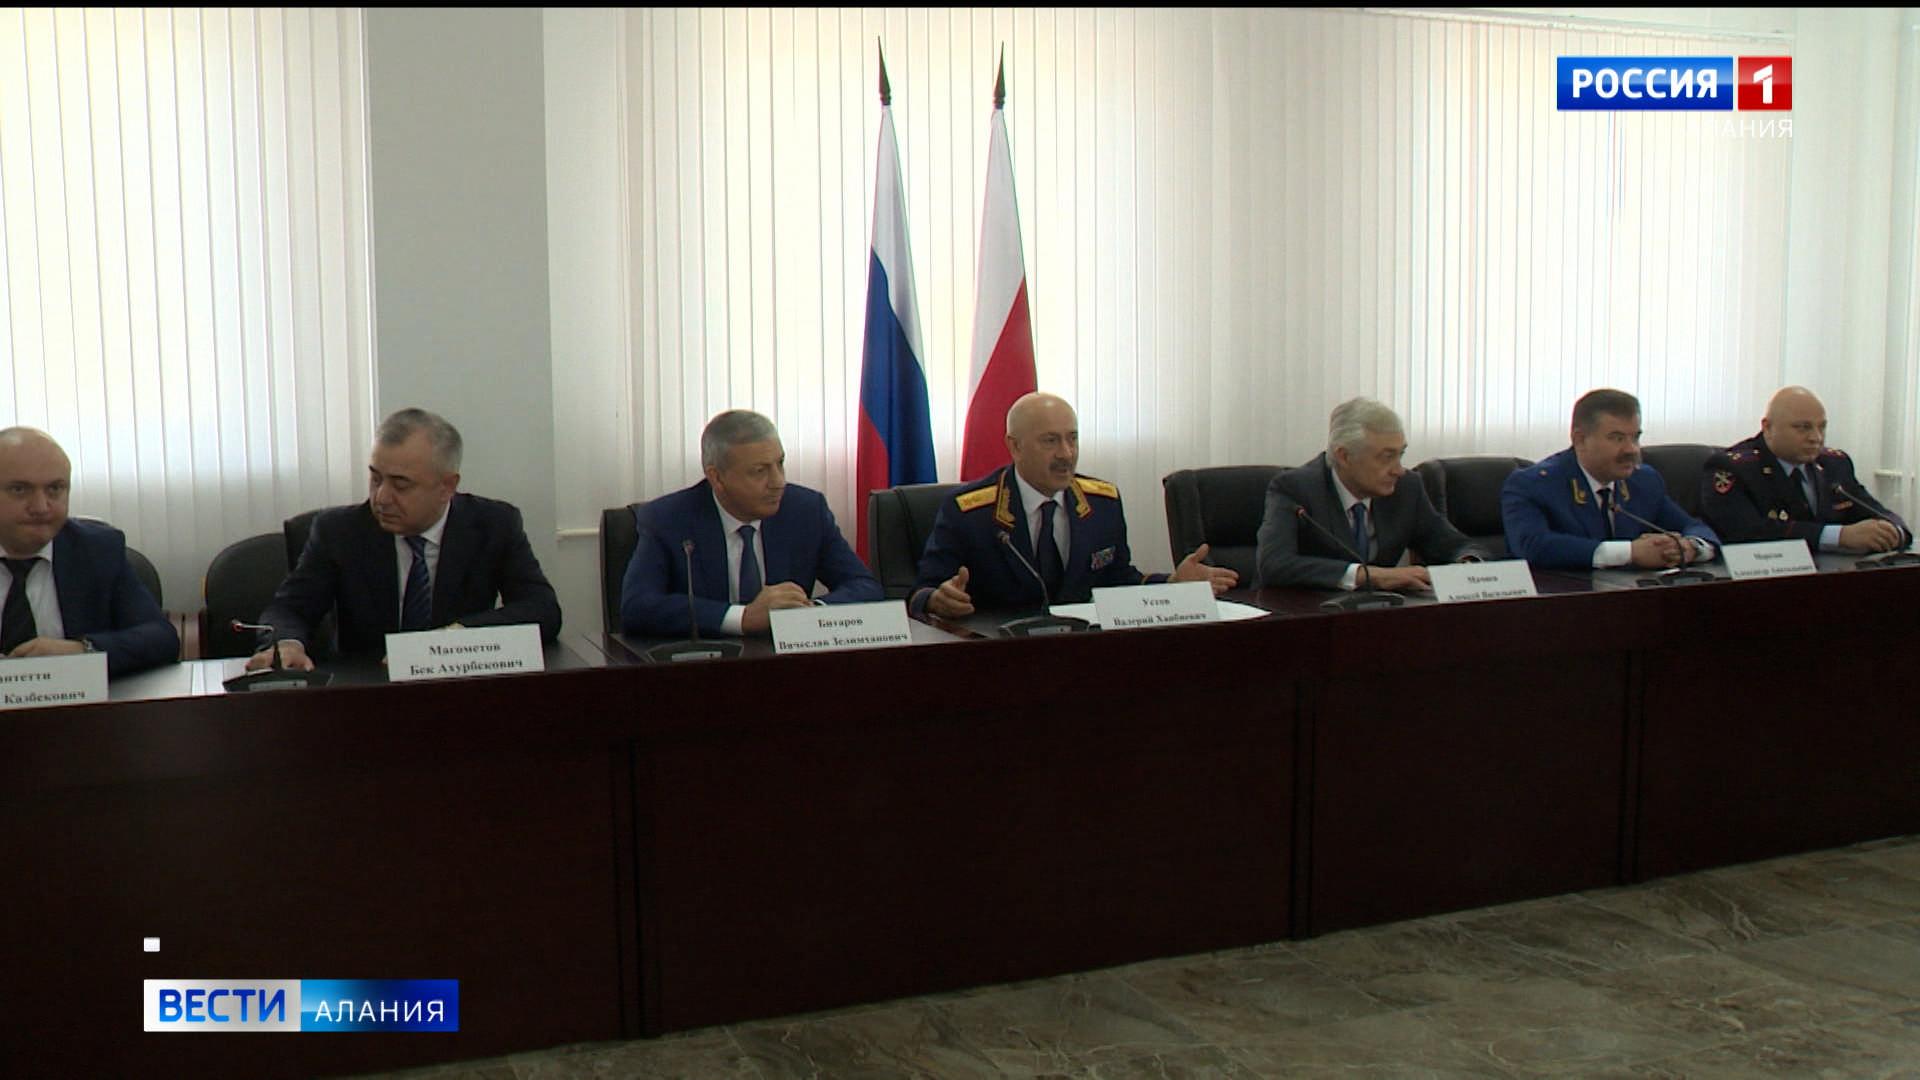 Следственный комитет России отмечает 10 лет со дня образования